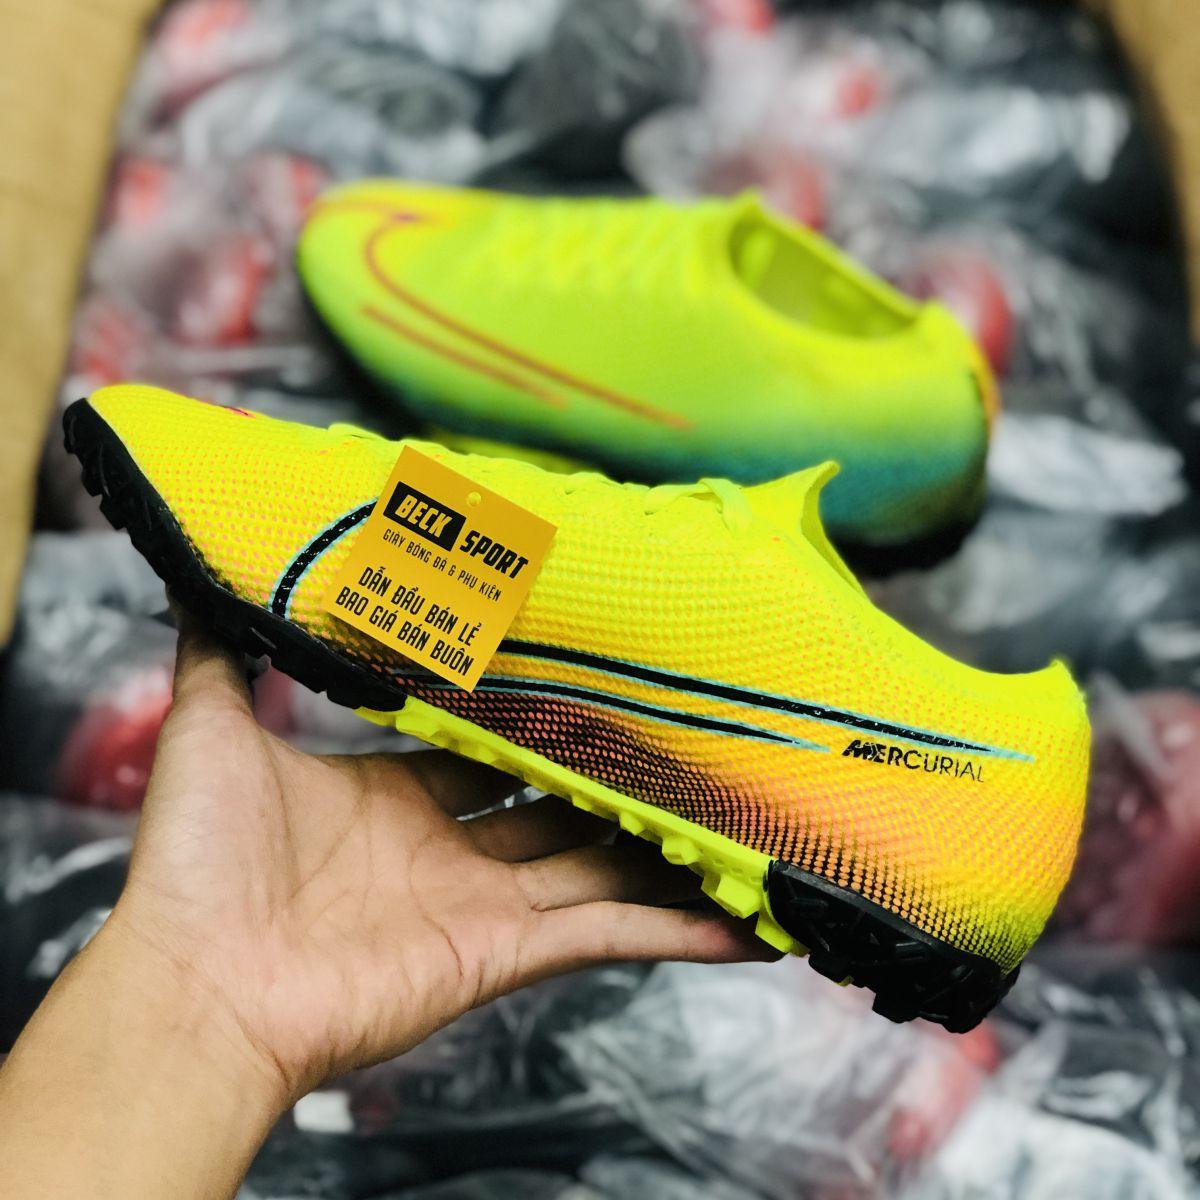 Giày Bóng Đá Nike Mercurial Dream Speed Vapor 13 Elite Nõn Chuối Xanh Ngọc Vạch Đen TF